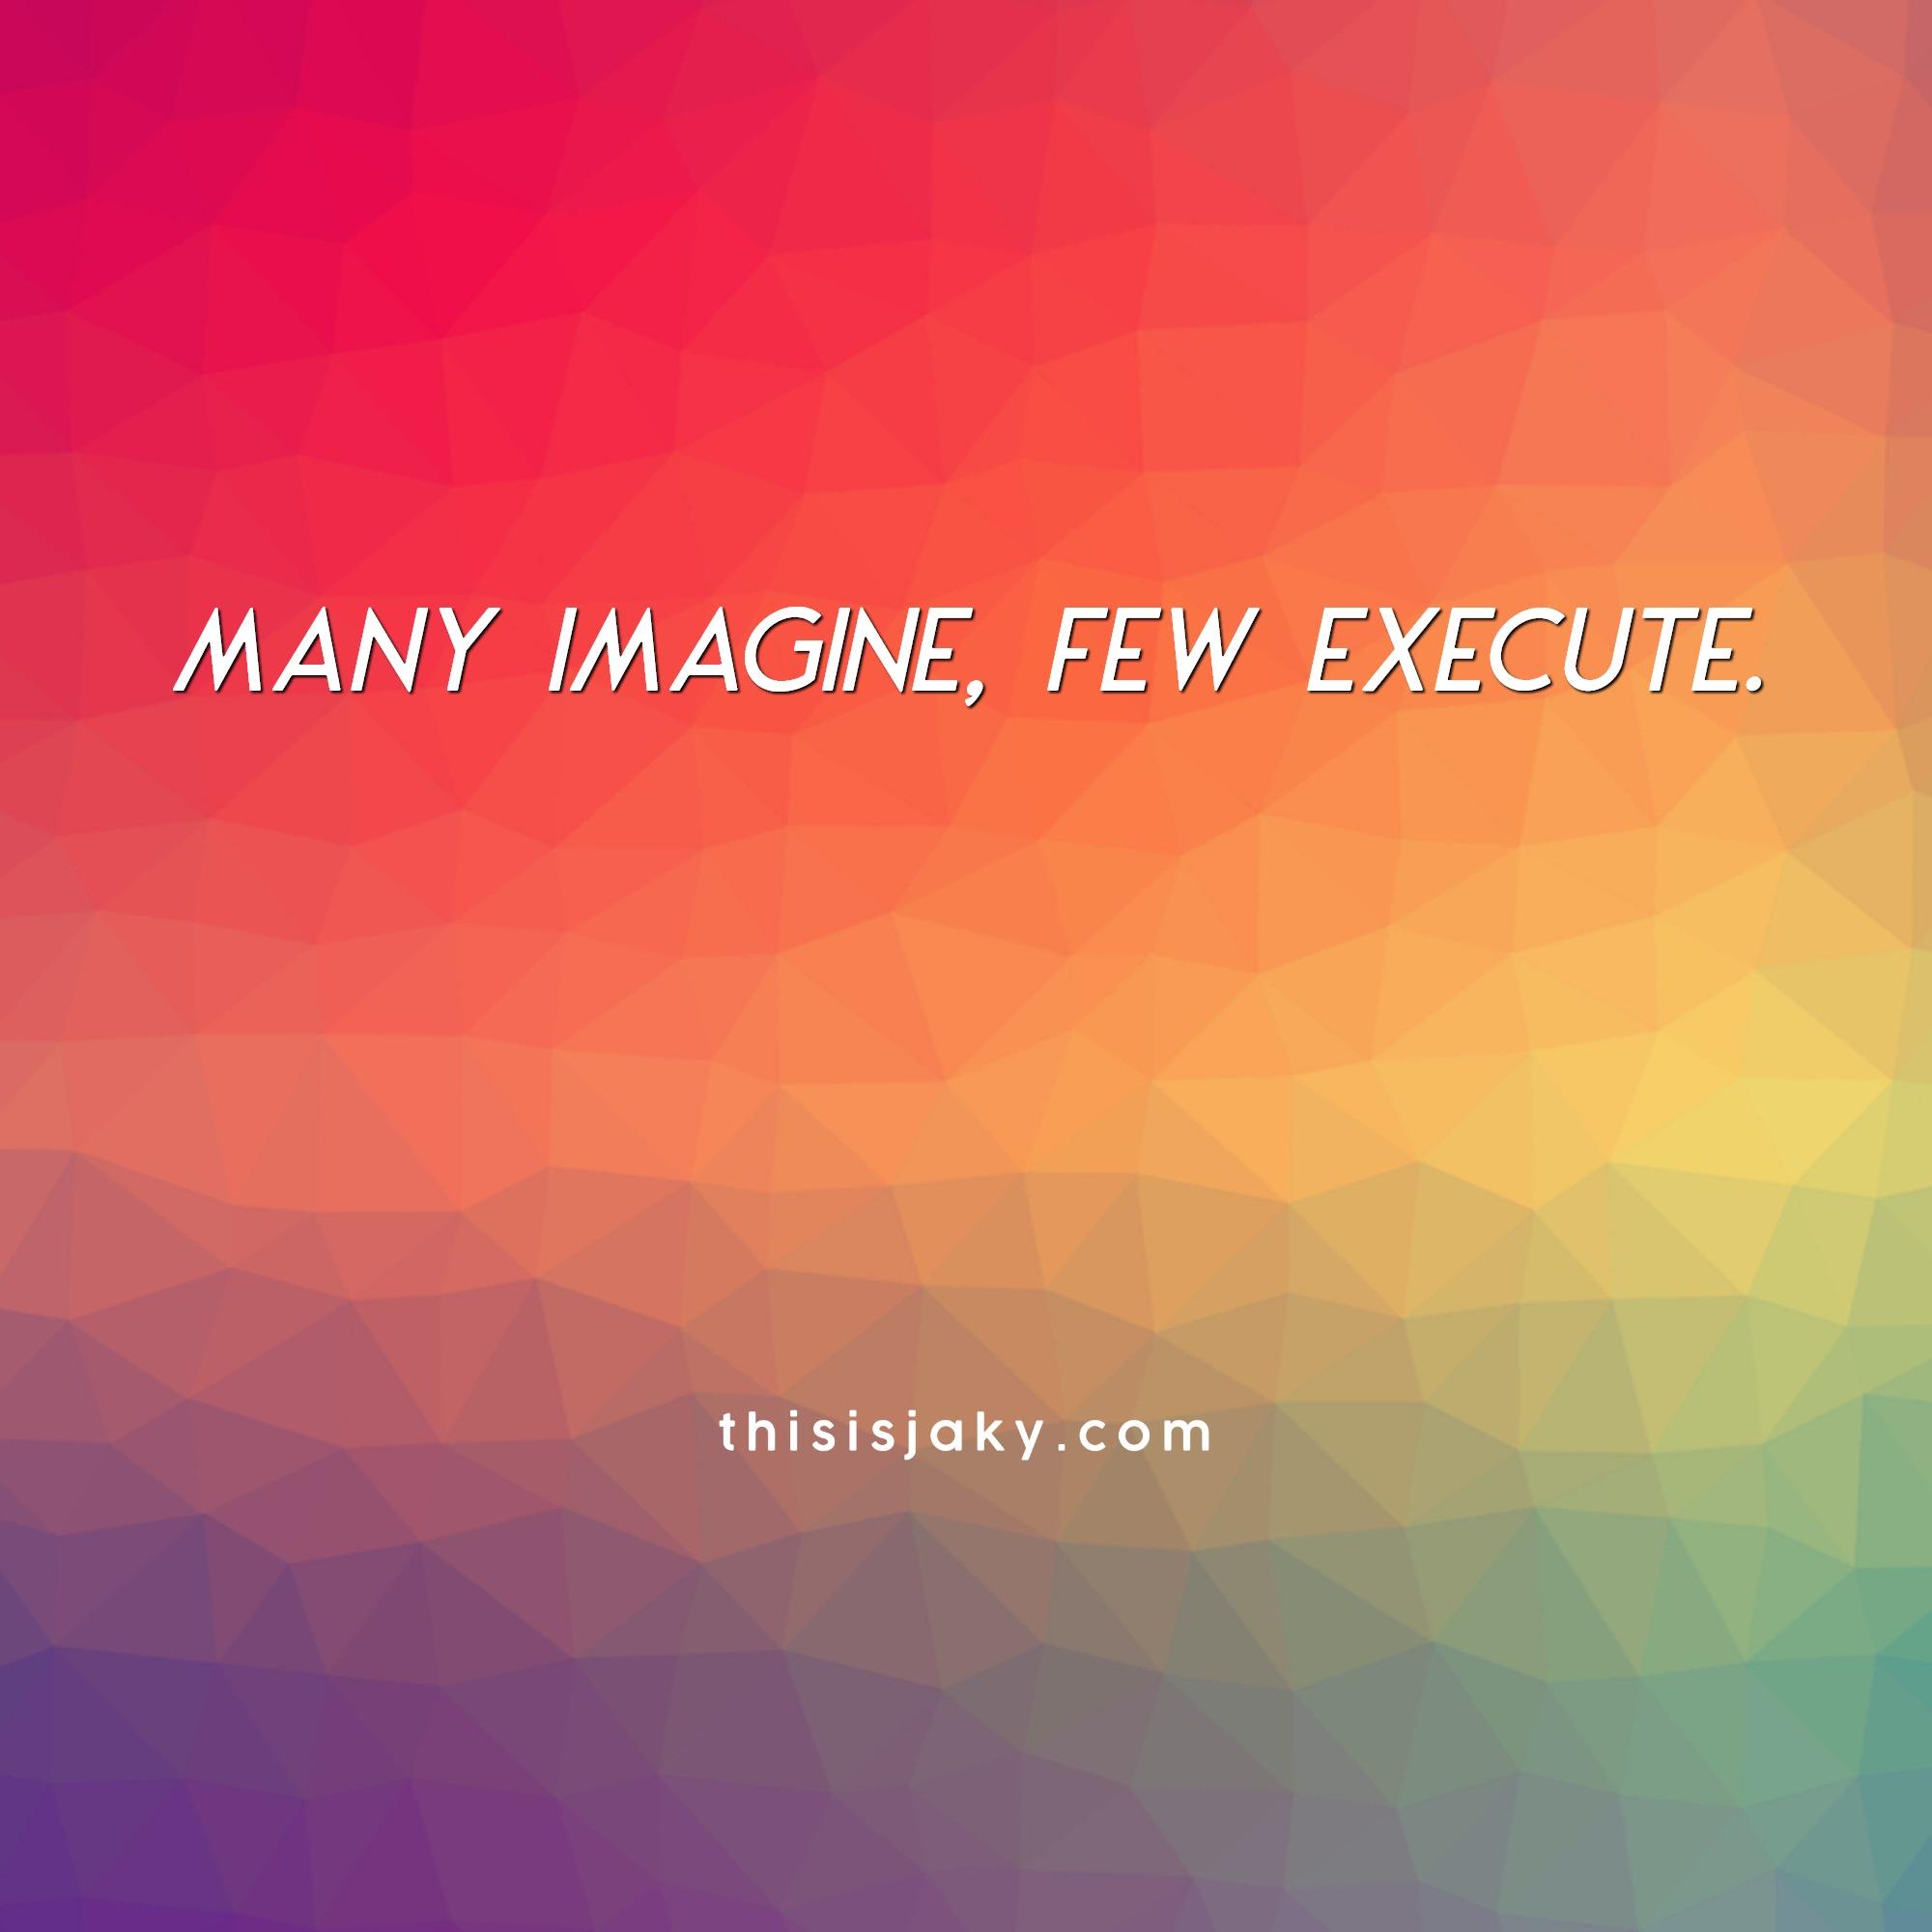 many imagine few execute thisisjaky